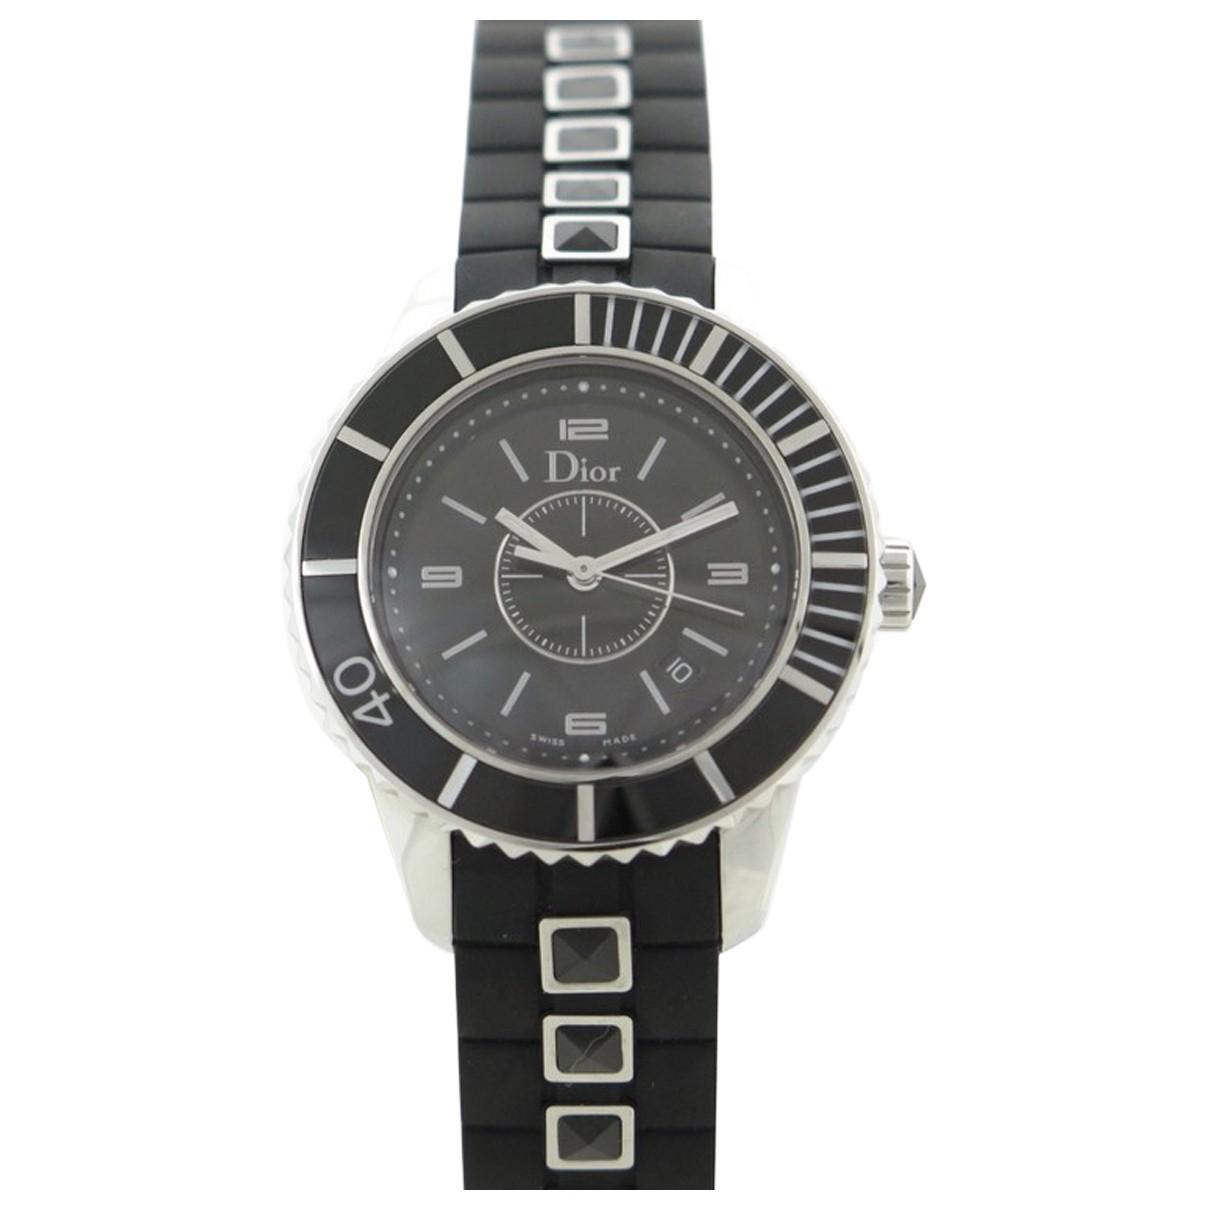 Dior Christal Uhr in  Schwarz Stahl